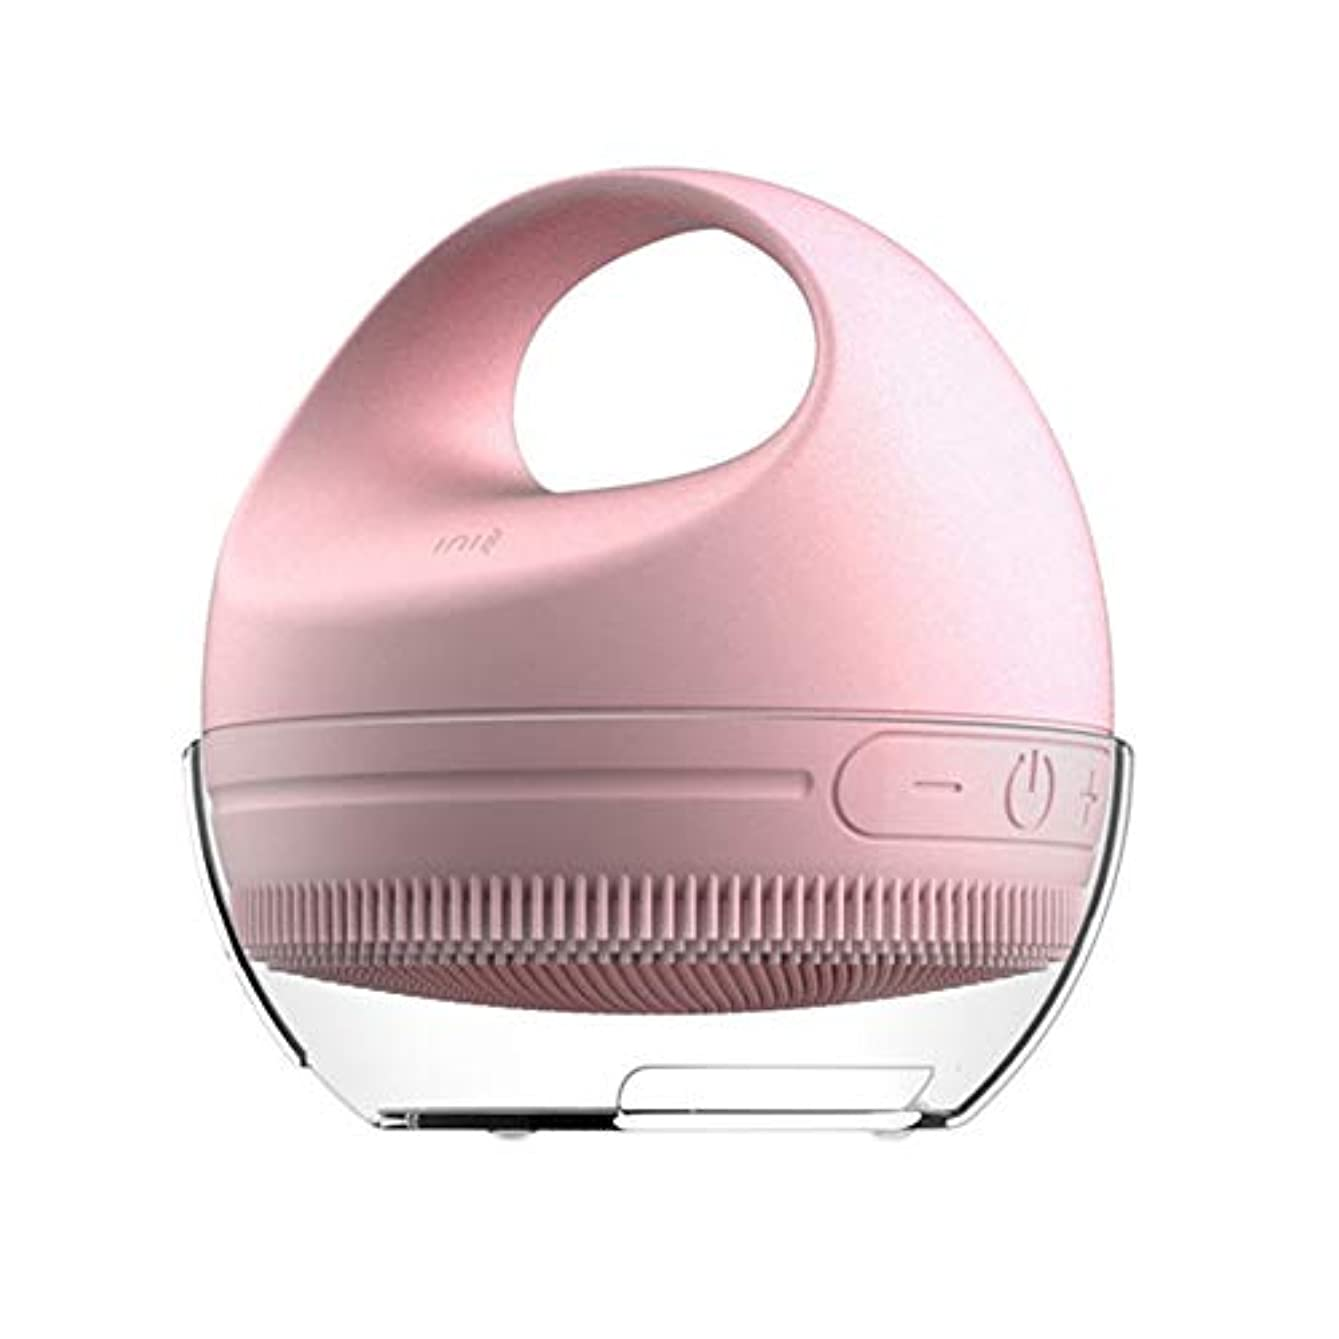 接続詞対話こどもの宮殿電気暖かい/振動シリコーンフェイスクレンザーとマッサージブラシをアップグレードしてください自己乾燥技術を使って、滑り止めのハンドル、インテリジェントなタイミング、防水IPX6、1200 mAhバッテリ,Pink